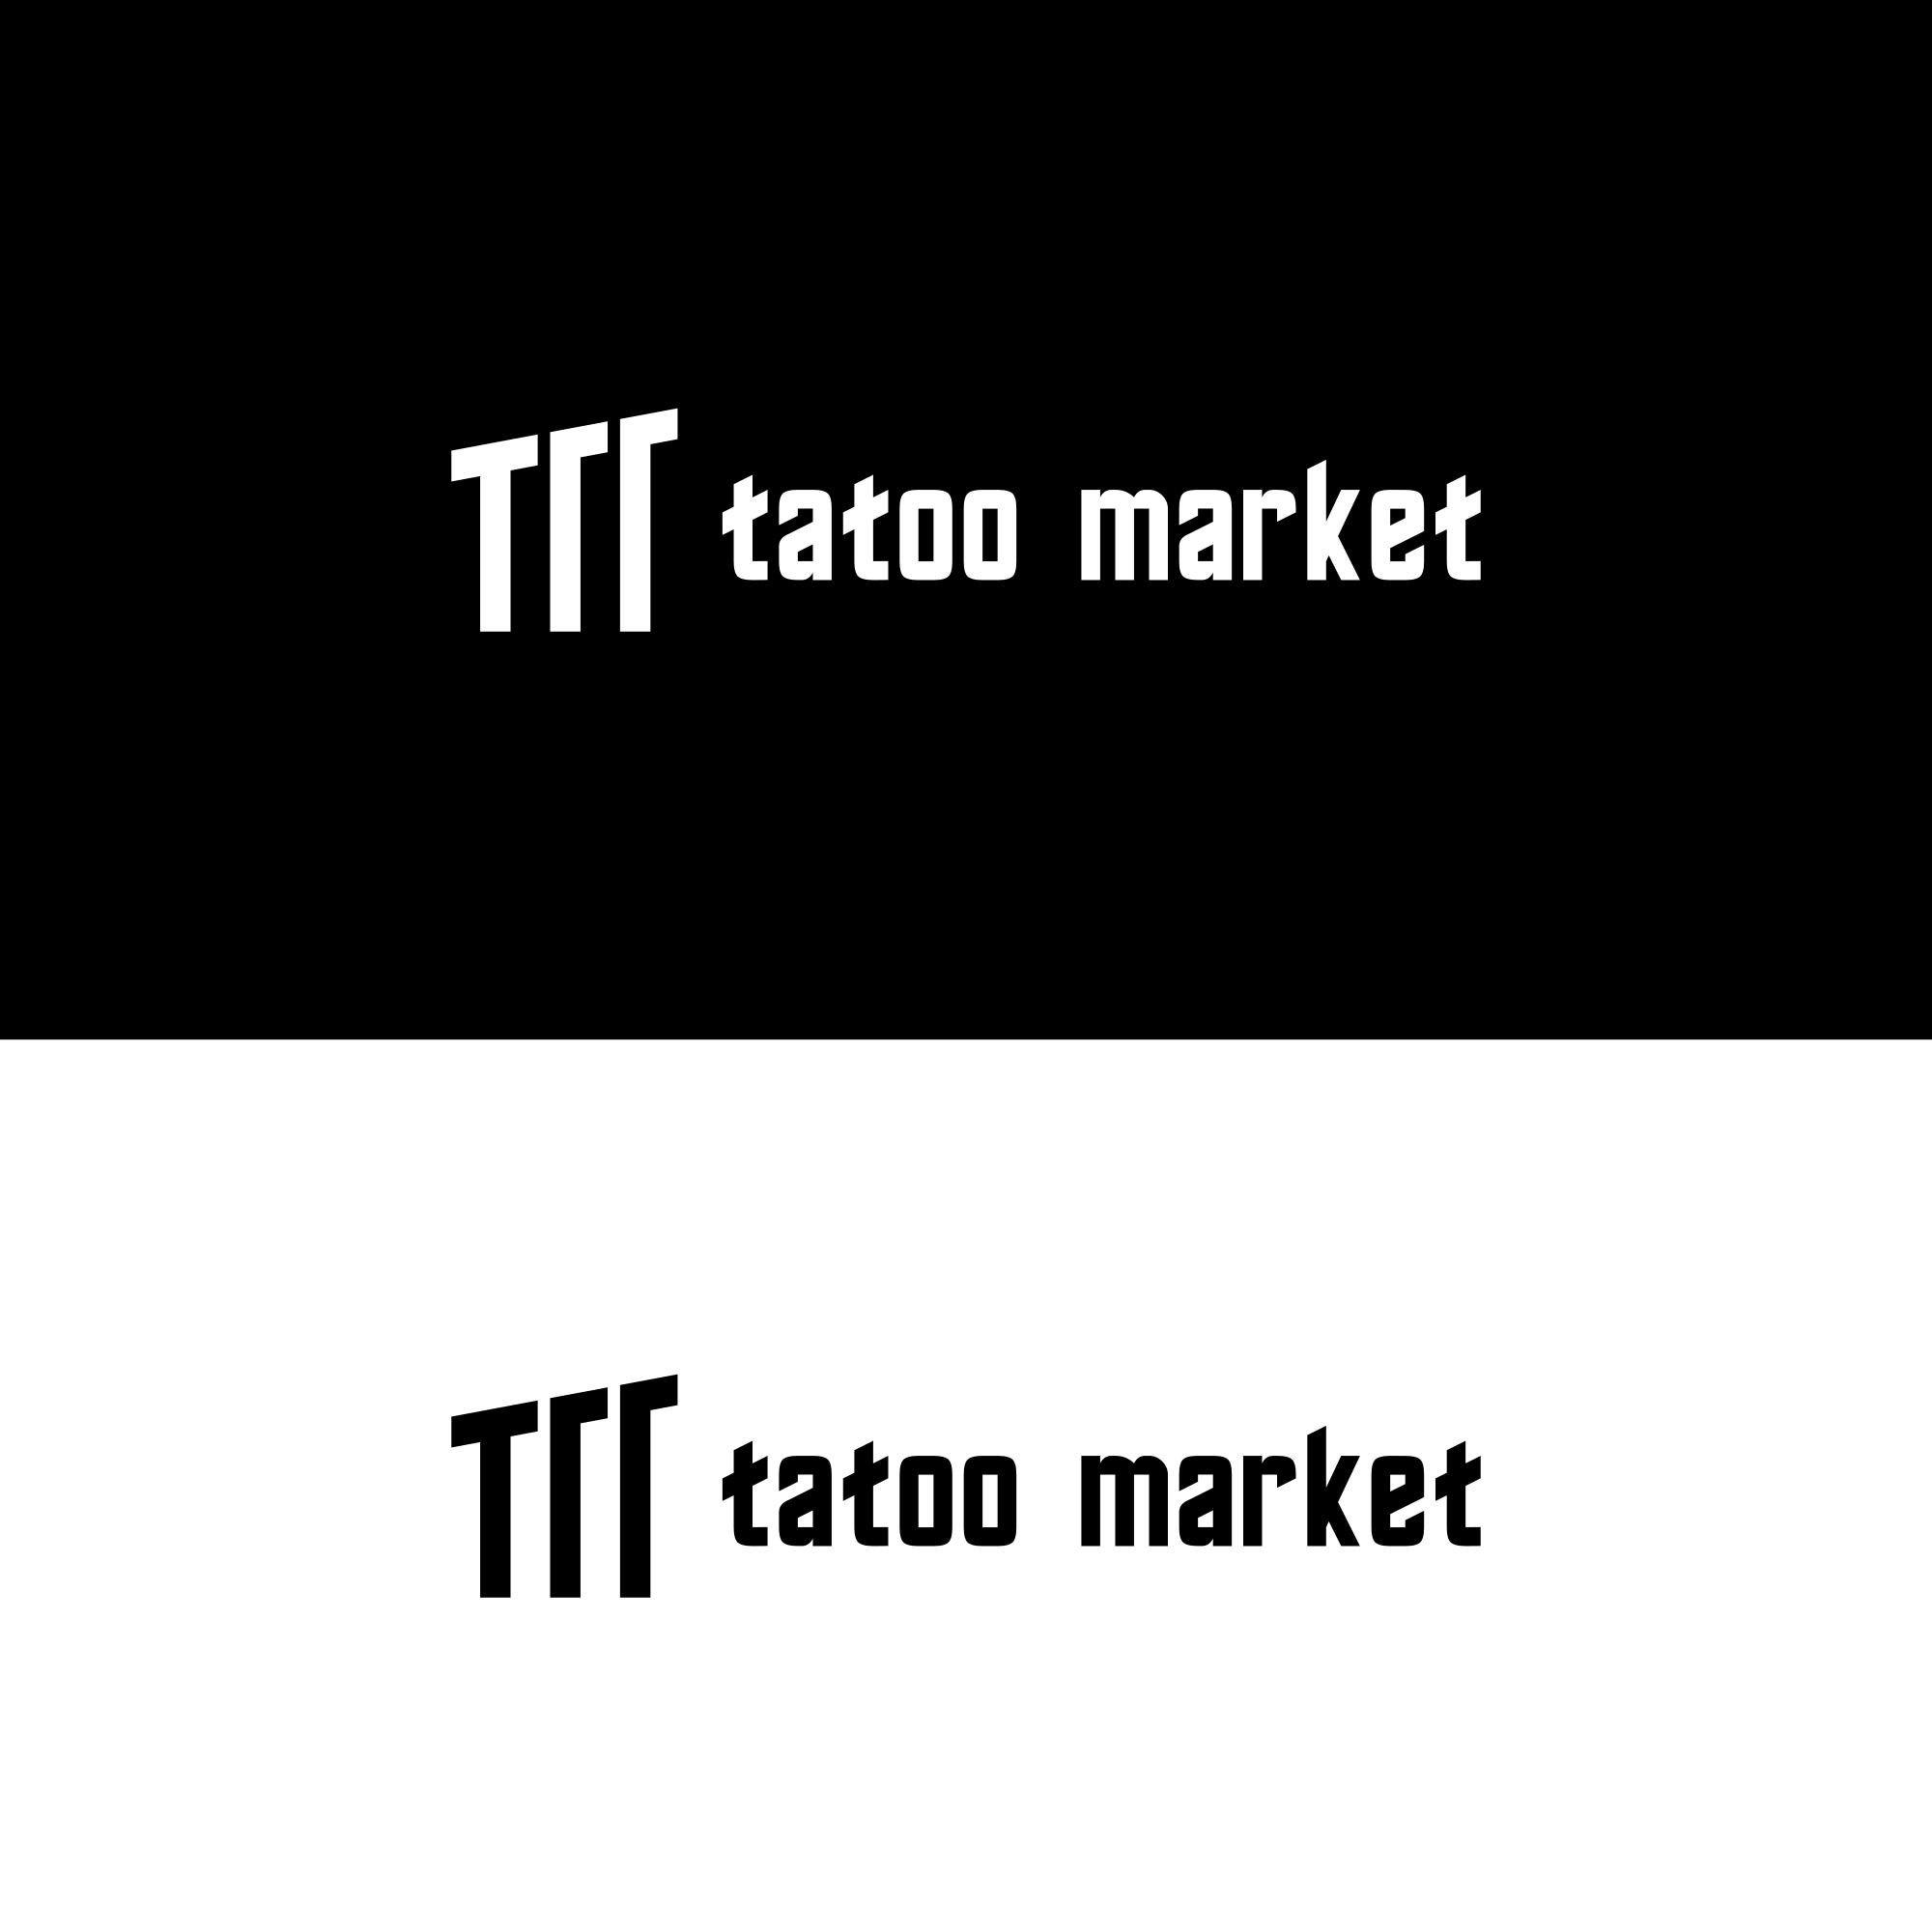 Редизайн логотипа магазина тату оборудования TattooMarket.ru фото f_7105c535469bf69f.png